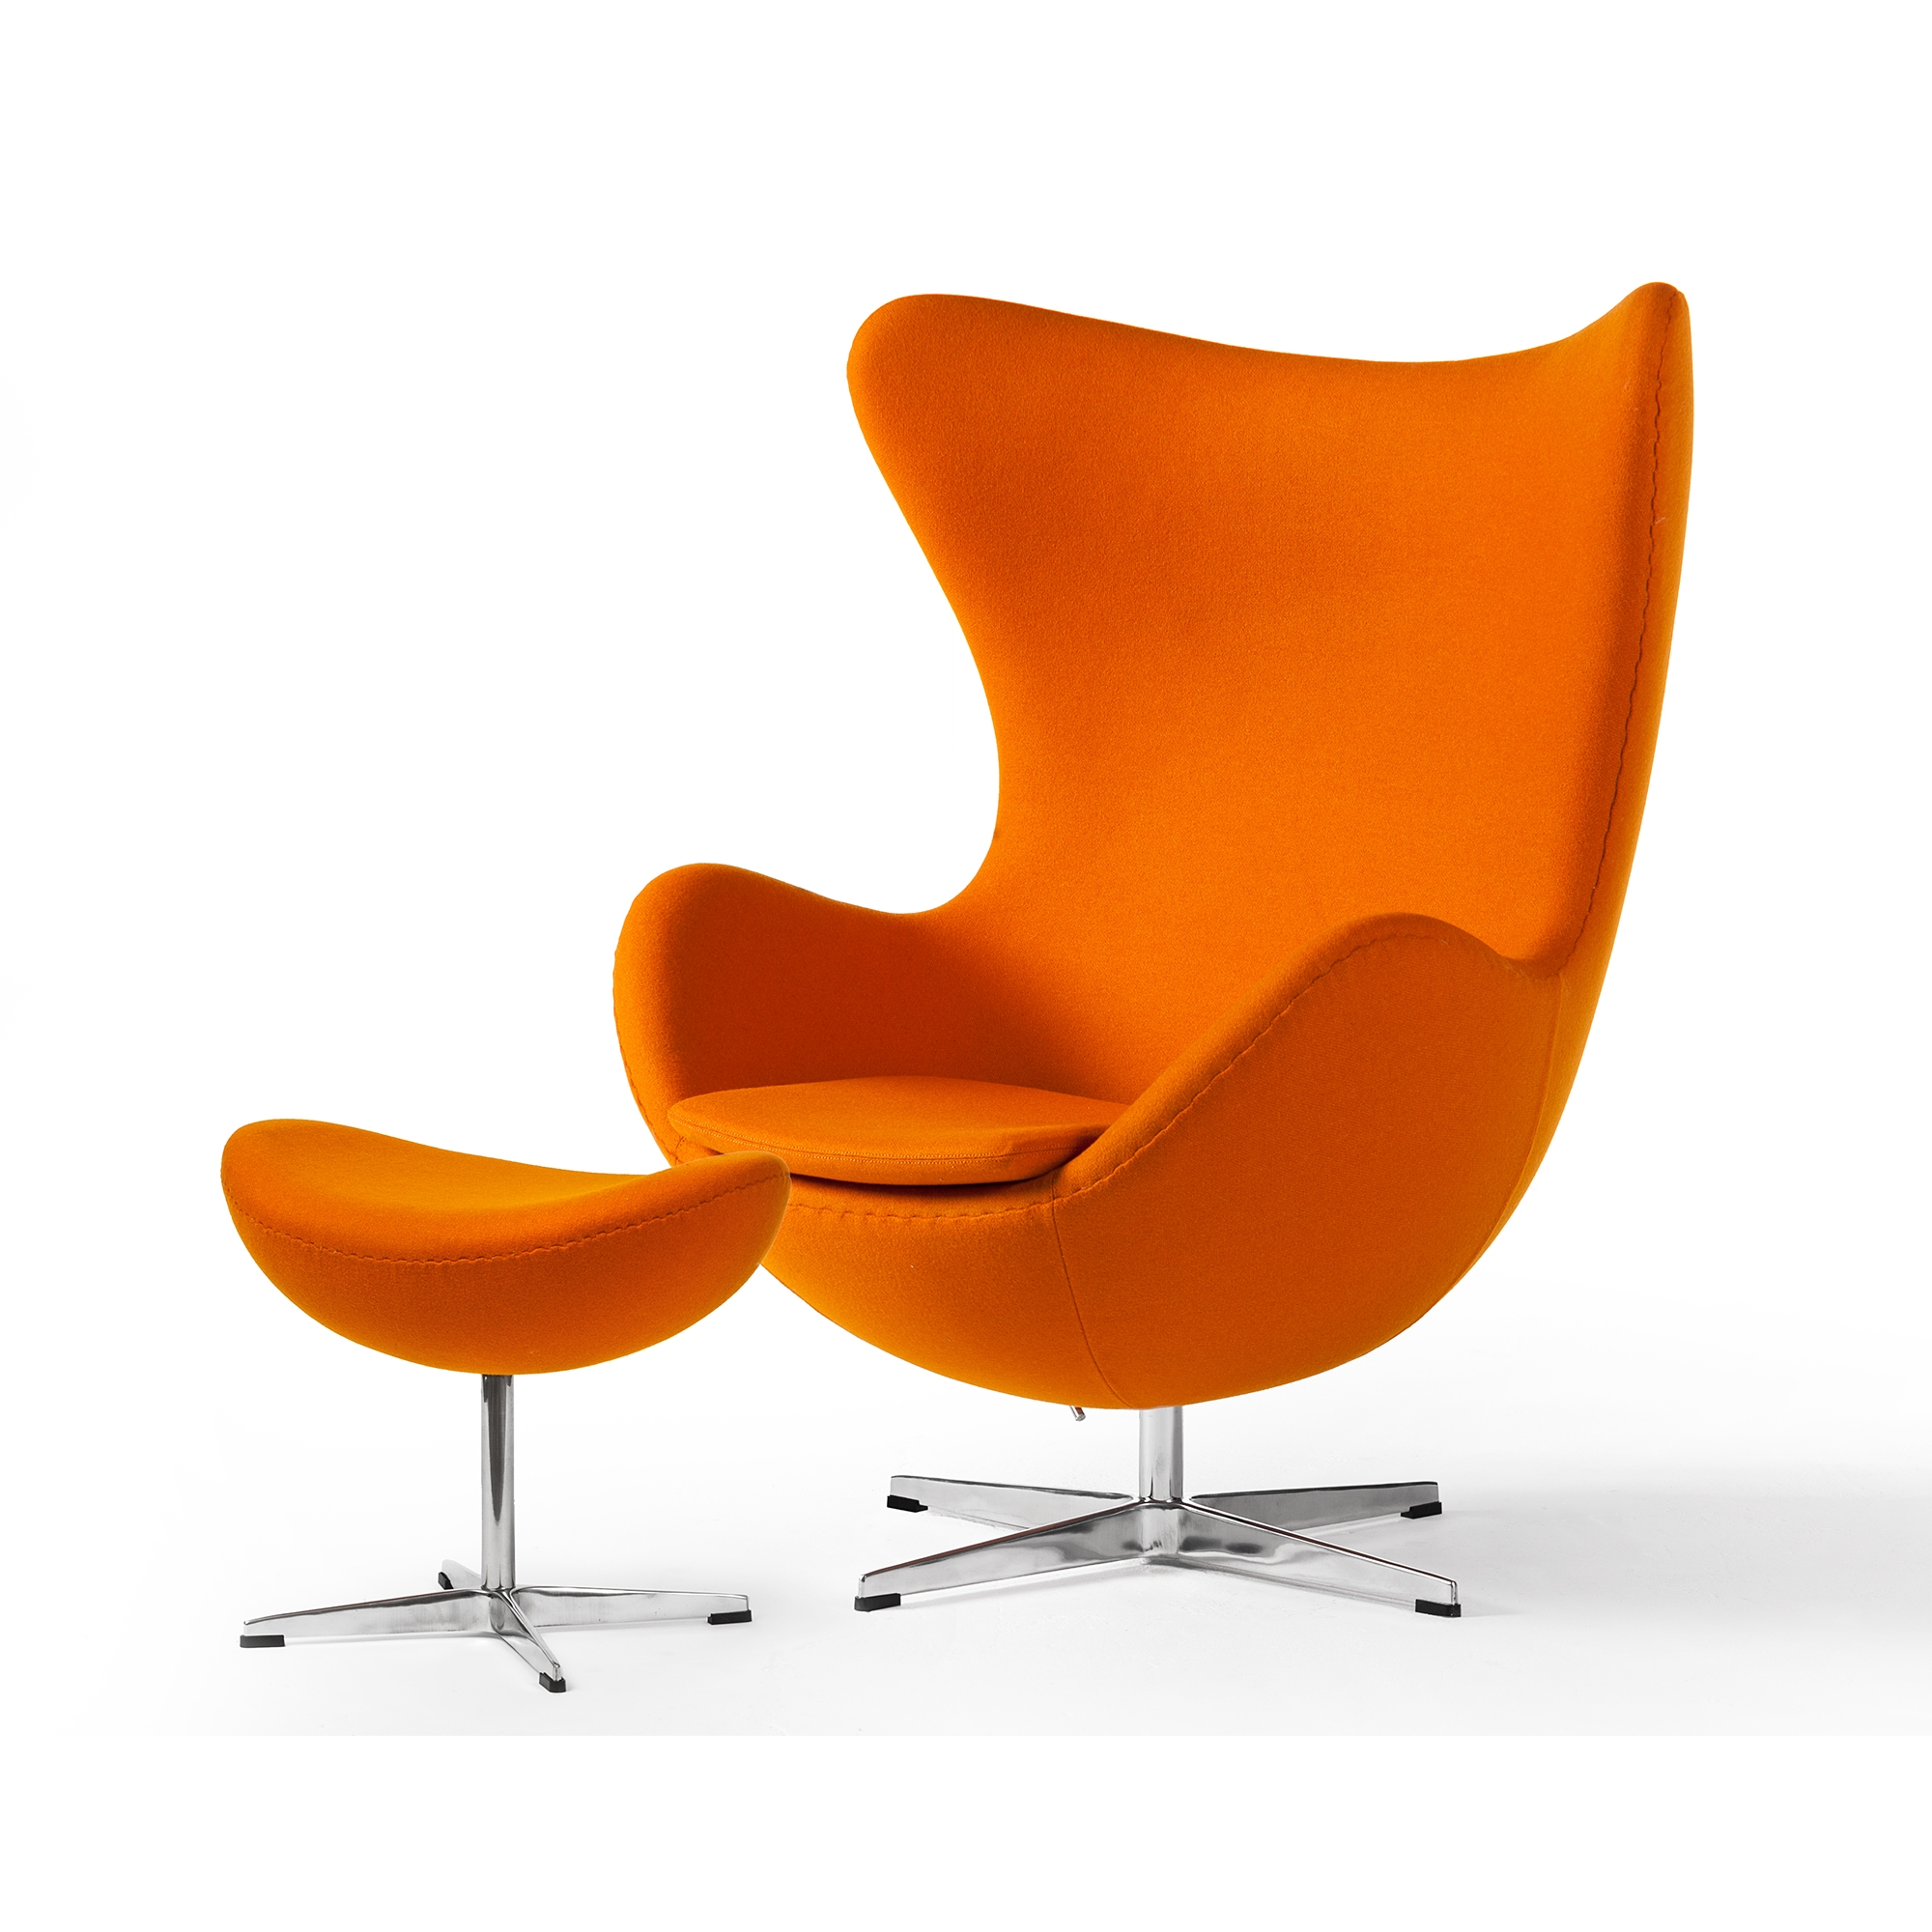 Arne Jacobsen Inspired Egg Swivel Chair In Cashmere Orange